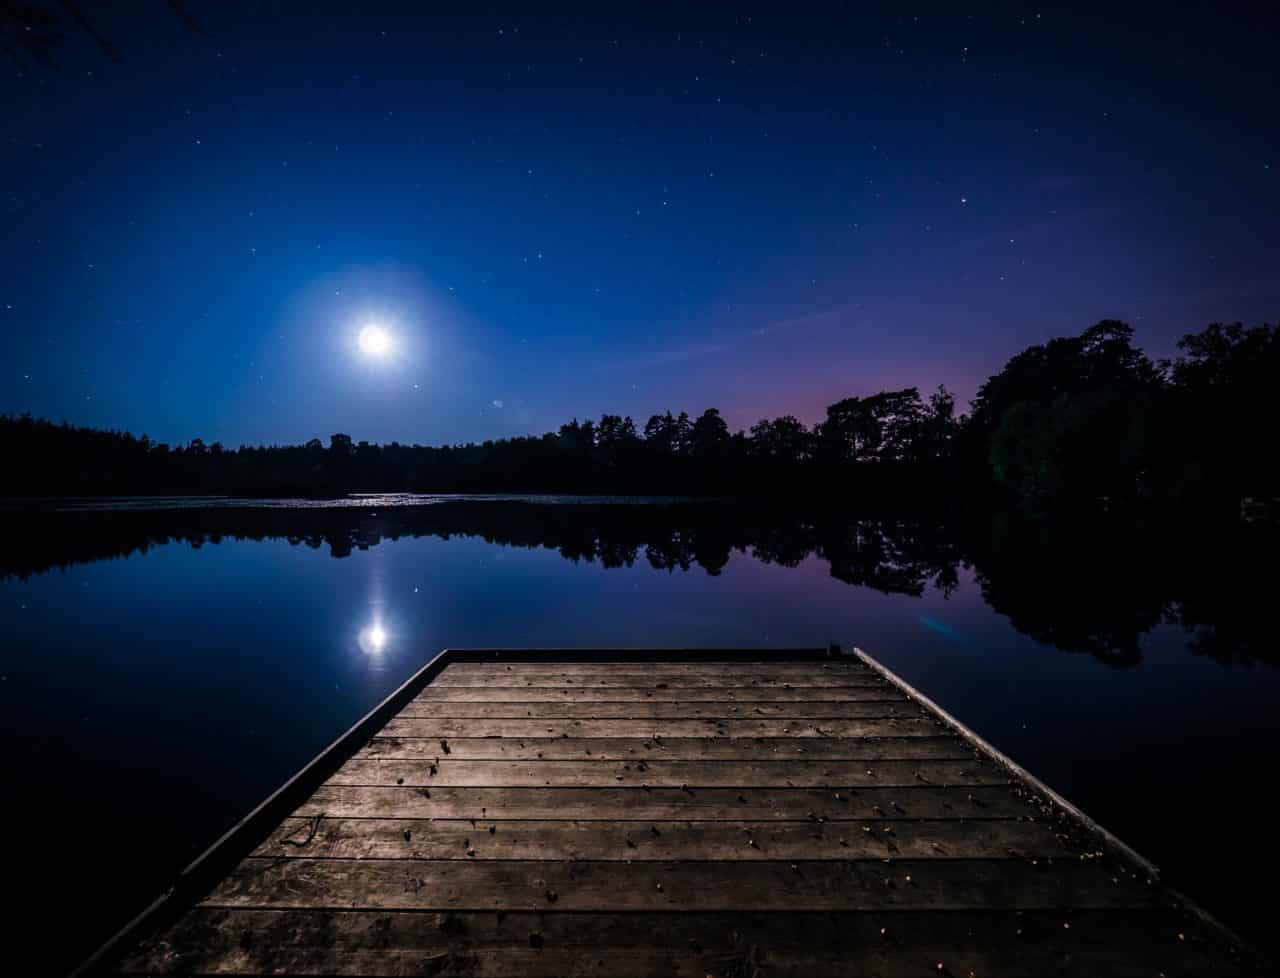 planete-visible-ciel-soir